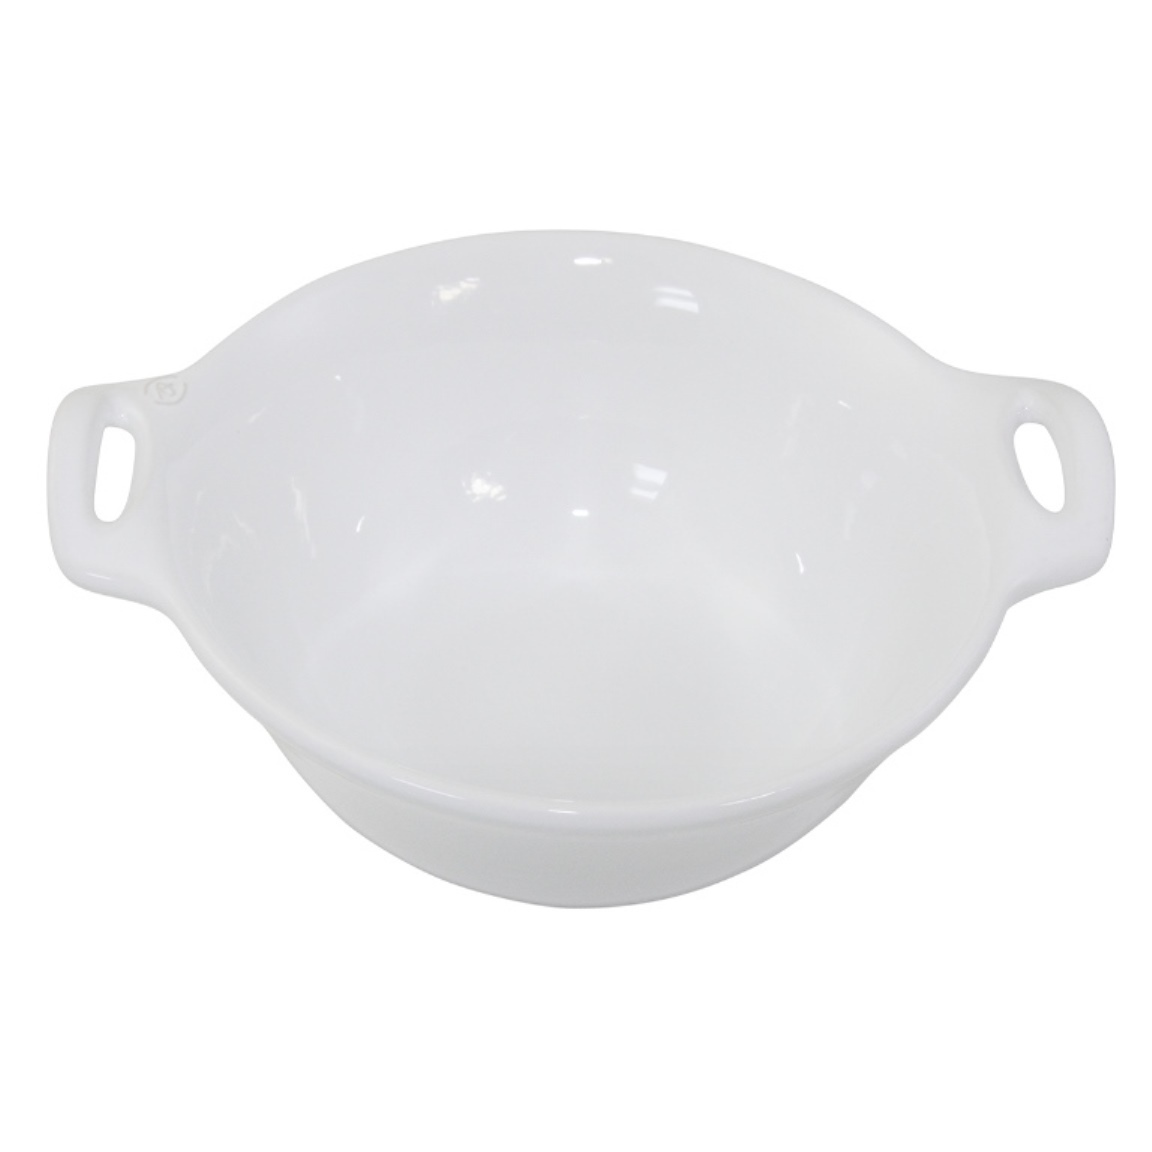 Салатник 1,6 л Appolia Harmonie WHITE 223525501